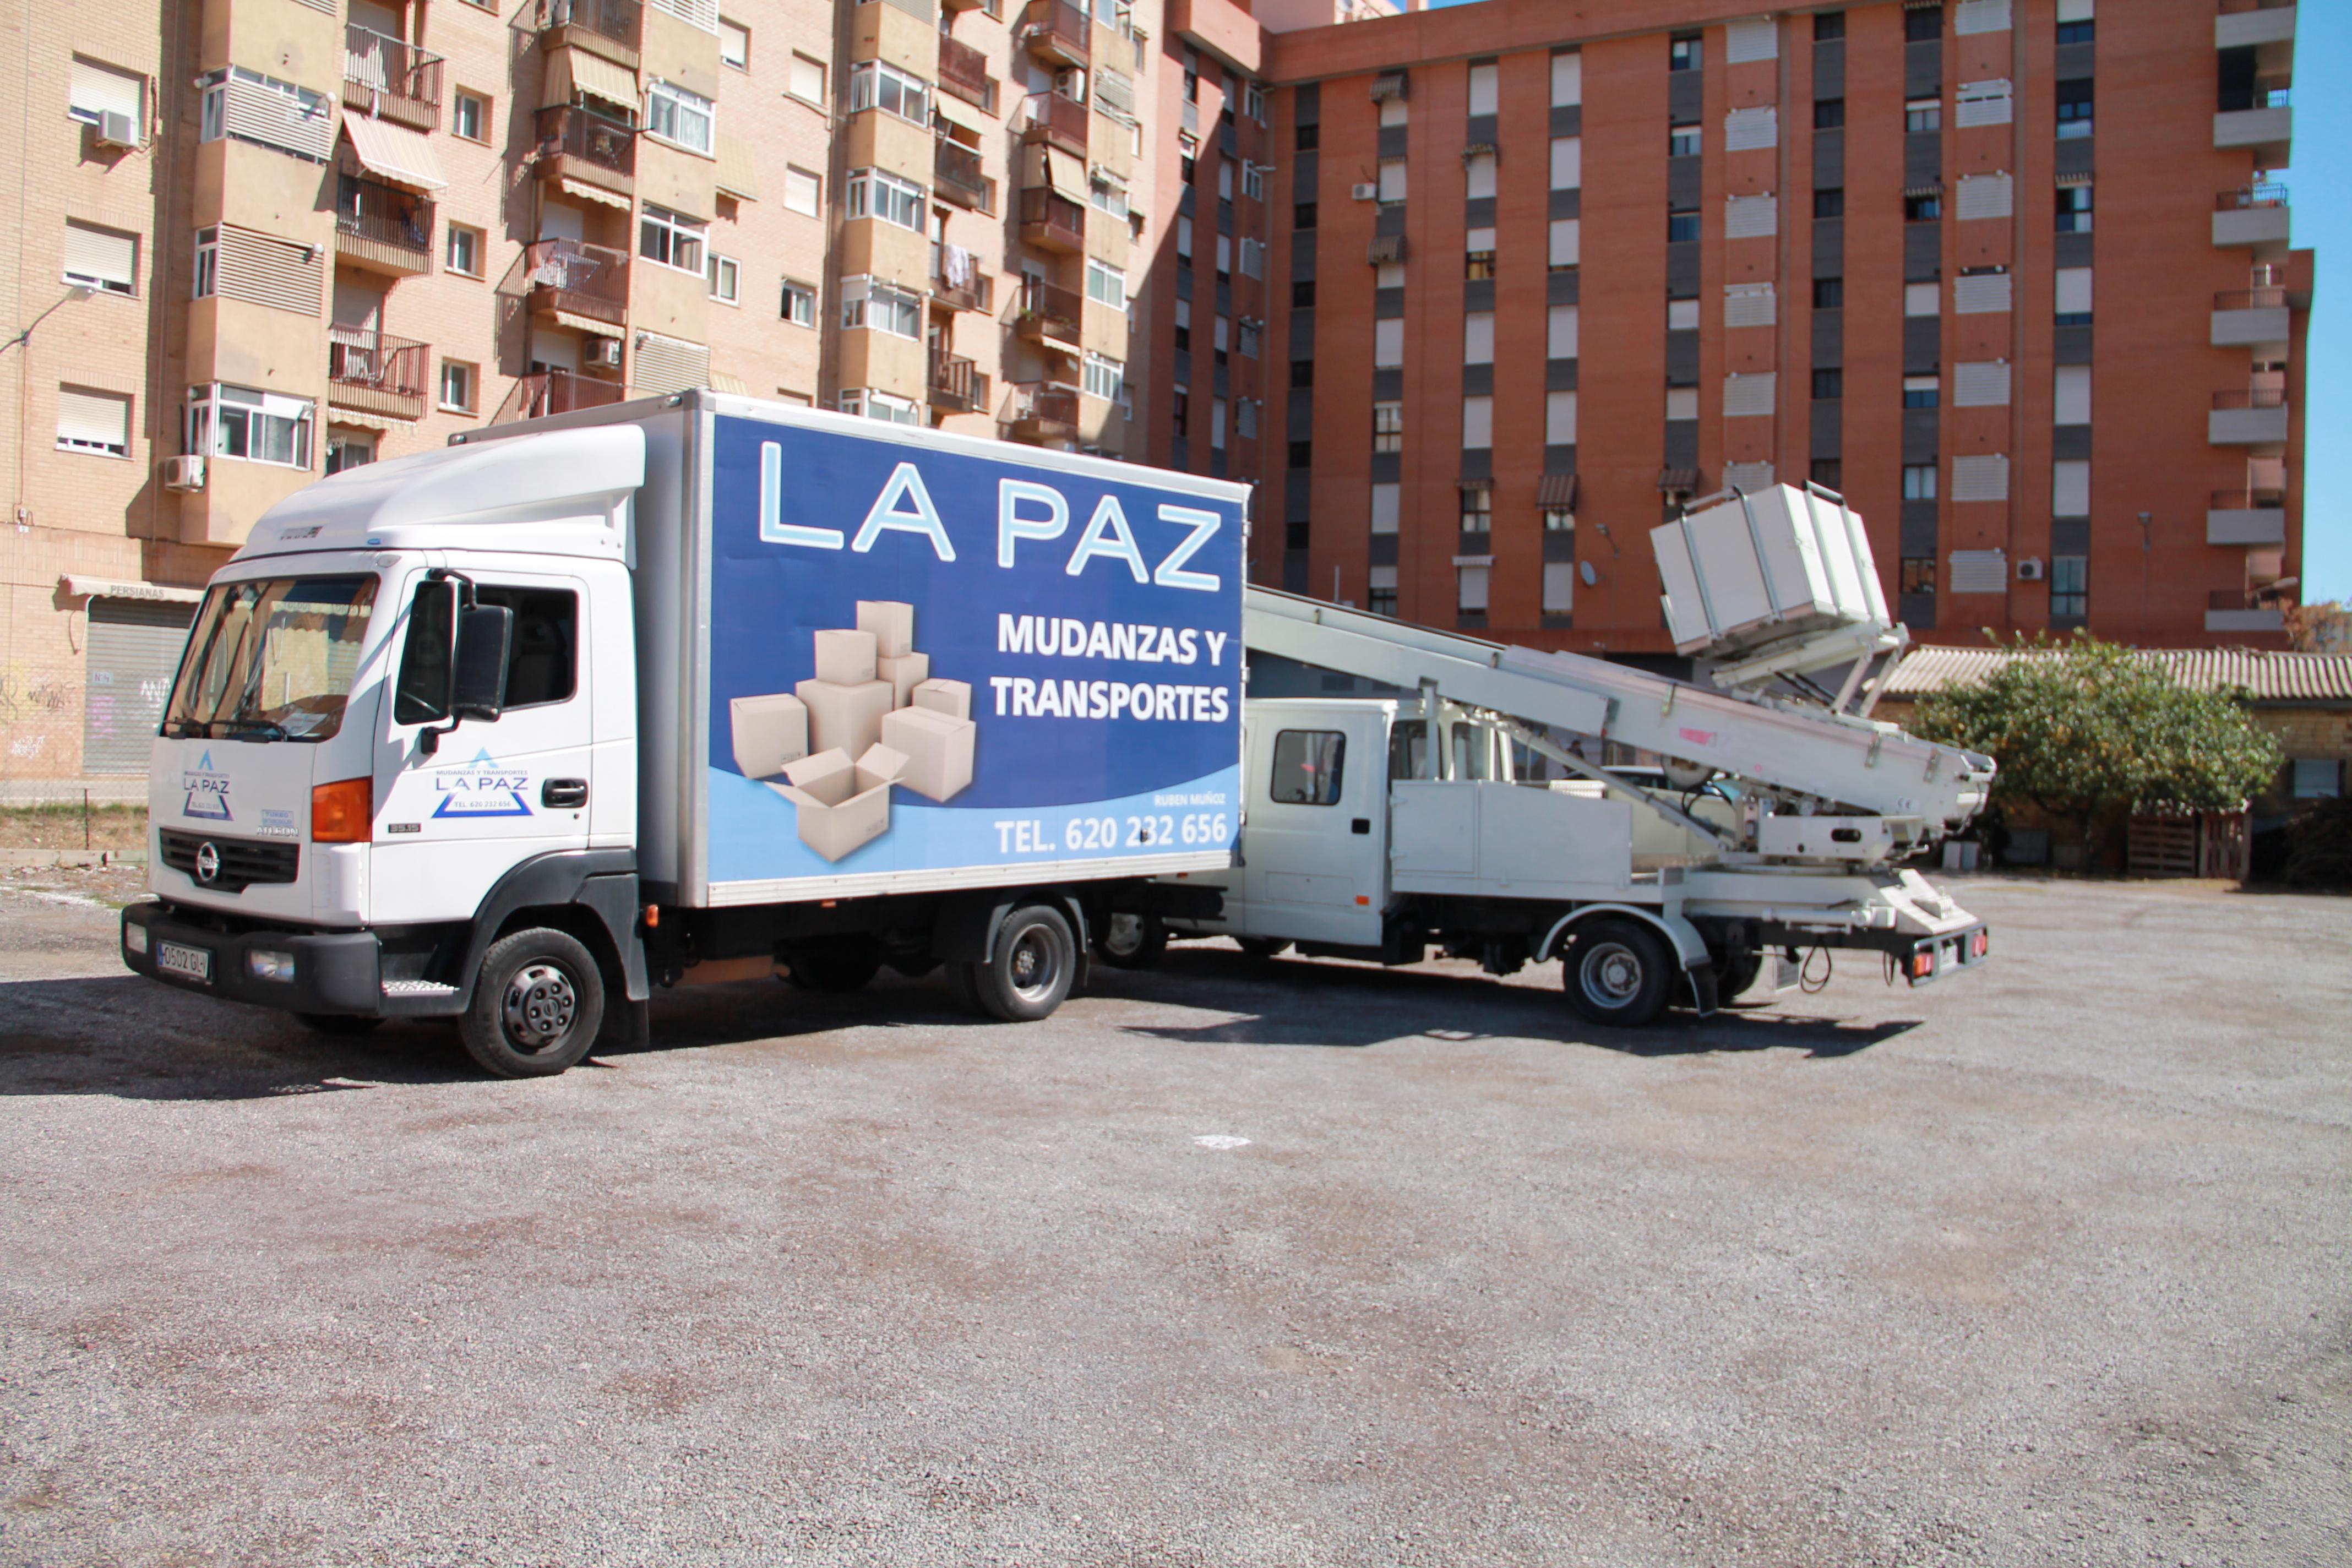 Mudanzas Y Transportes La Paz